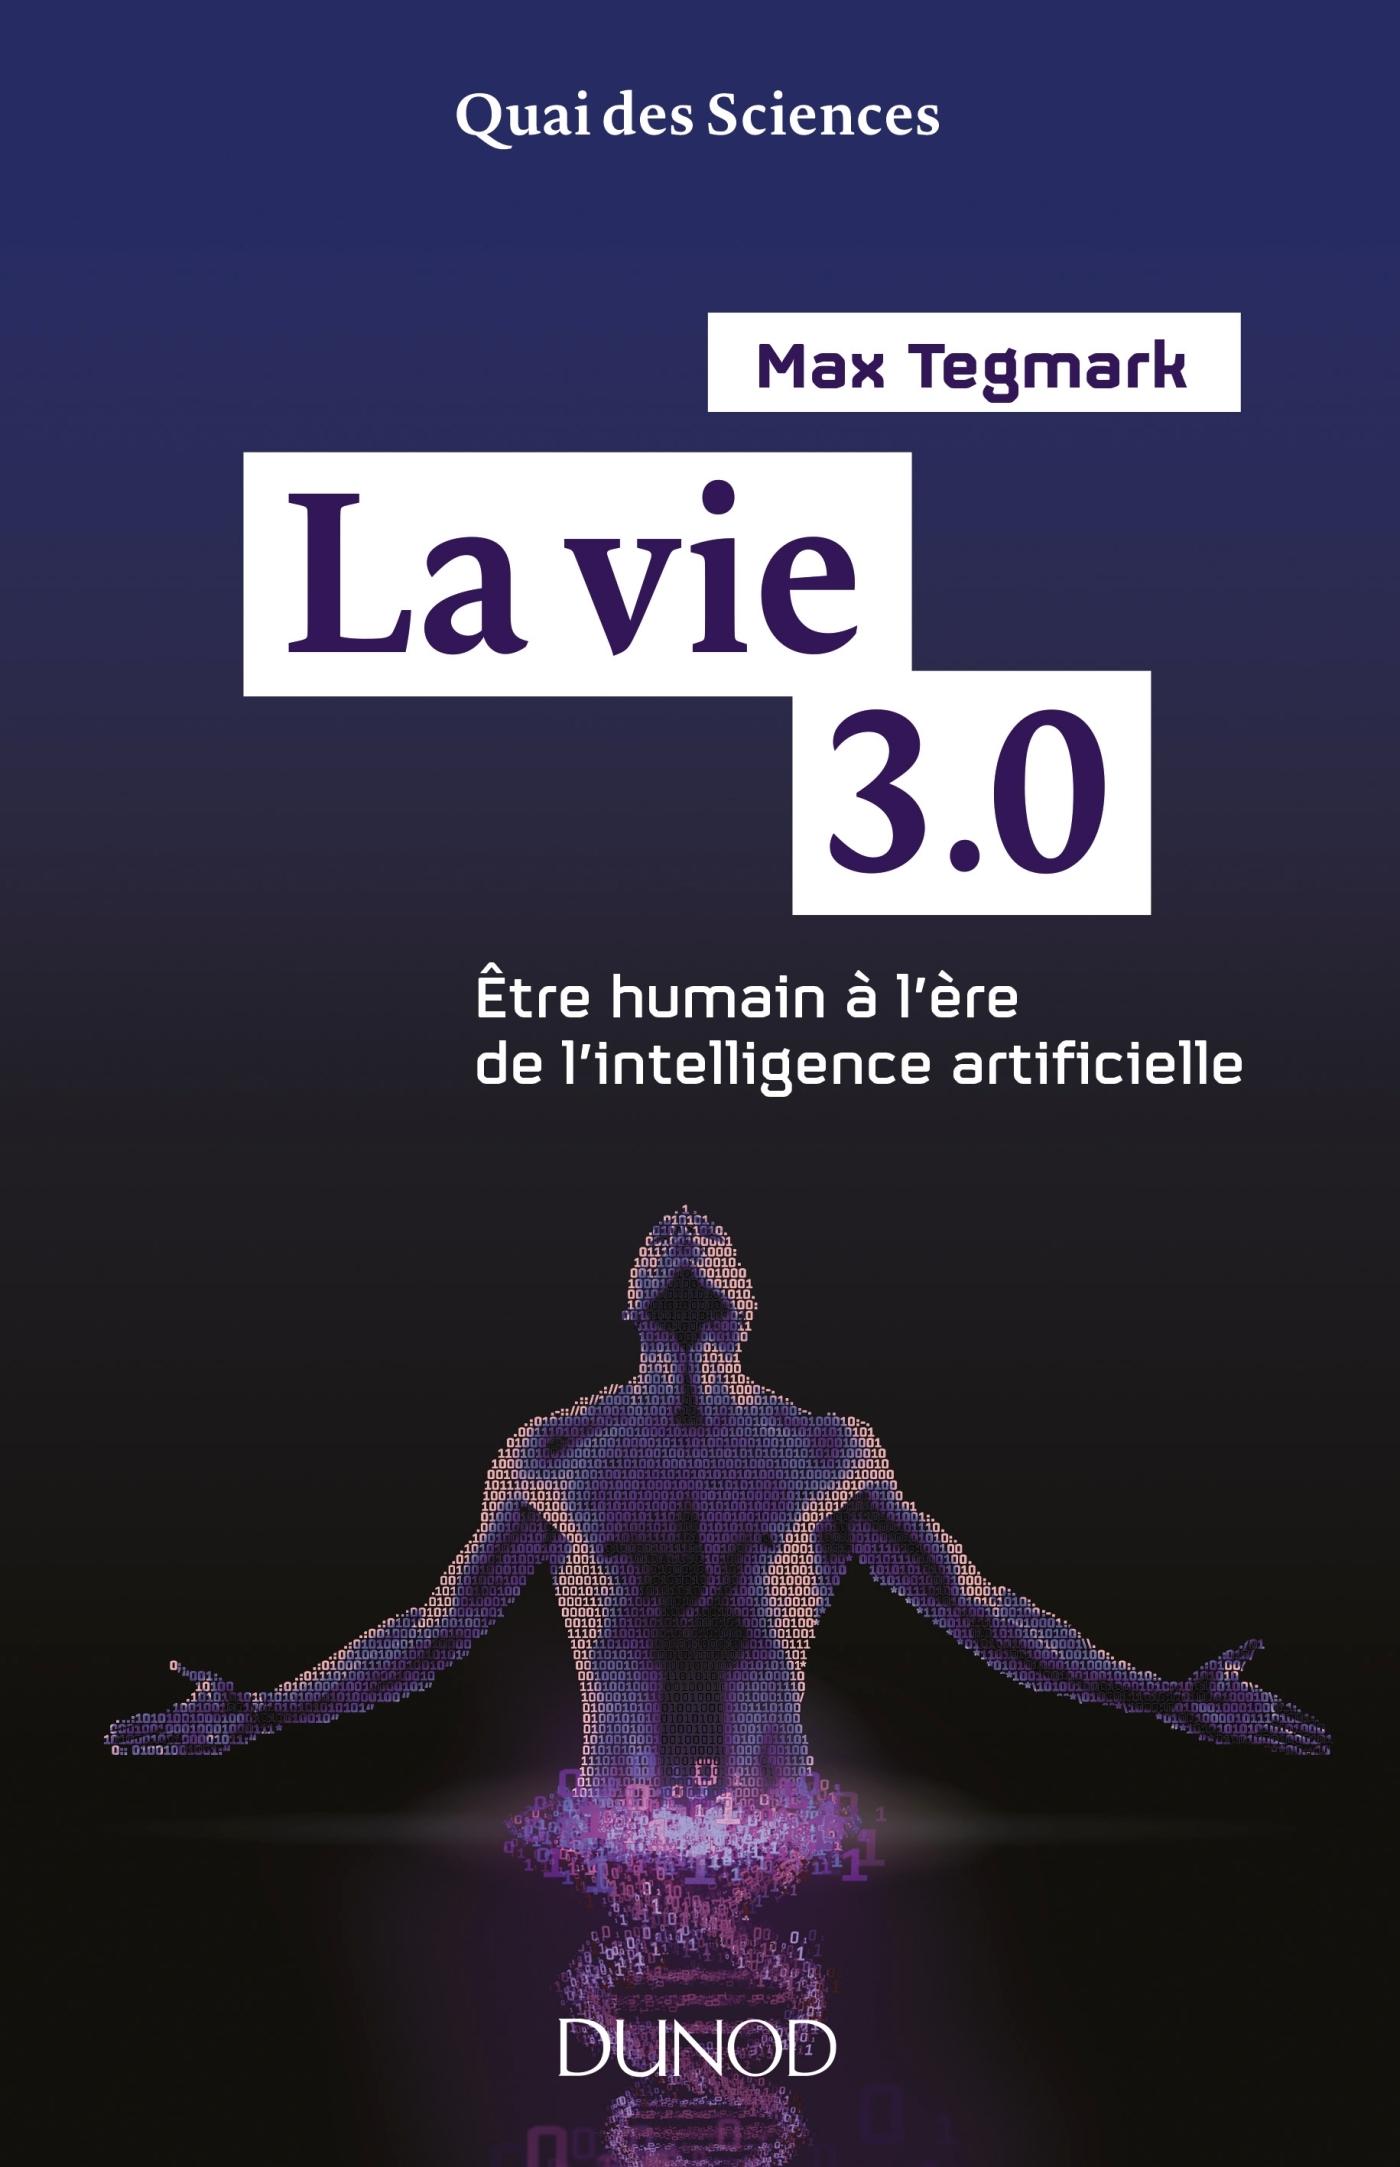 La vie 3.0 Etre humain à l'ère de l'intelligence